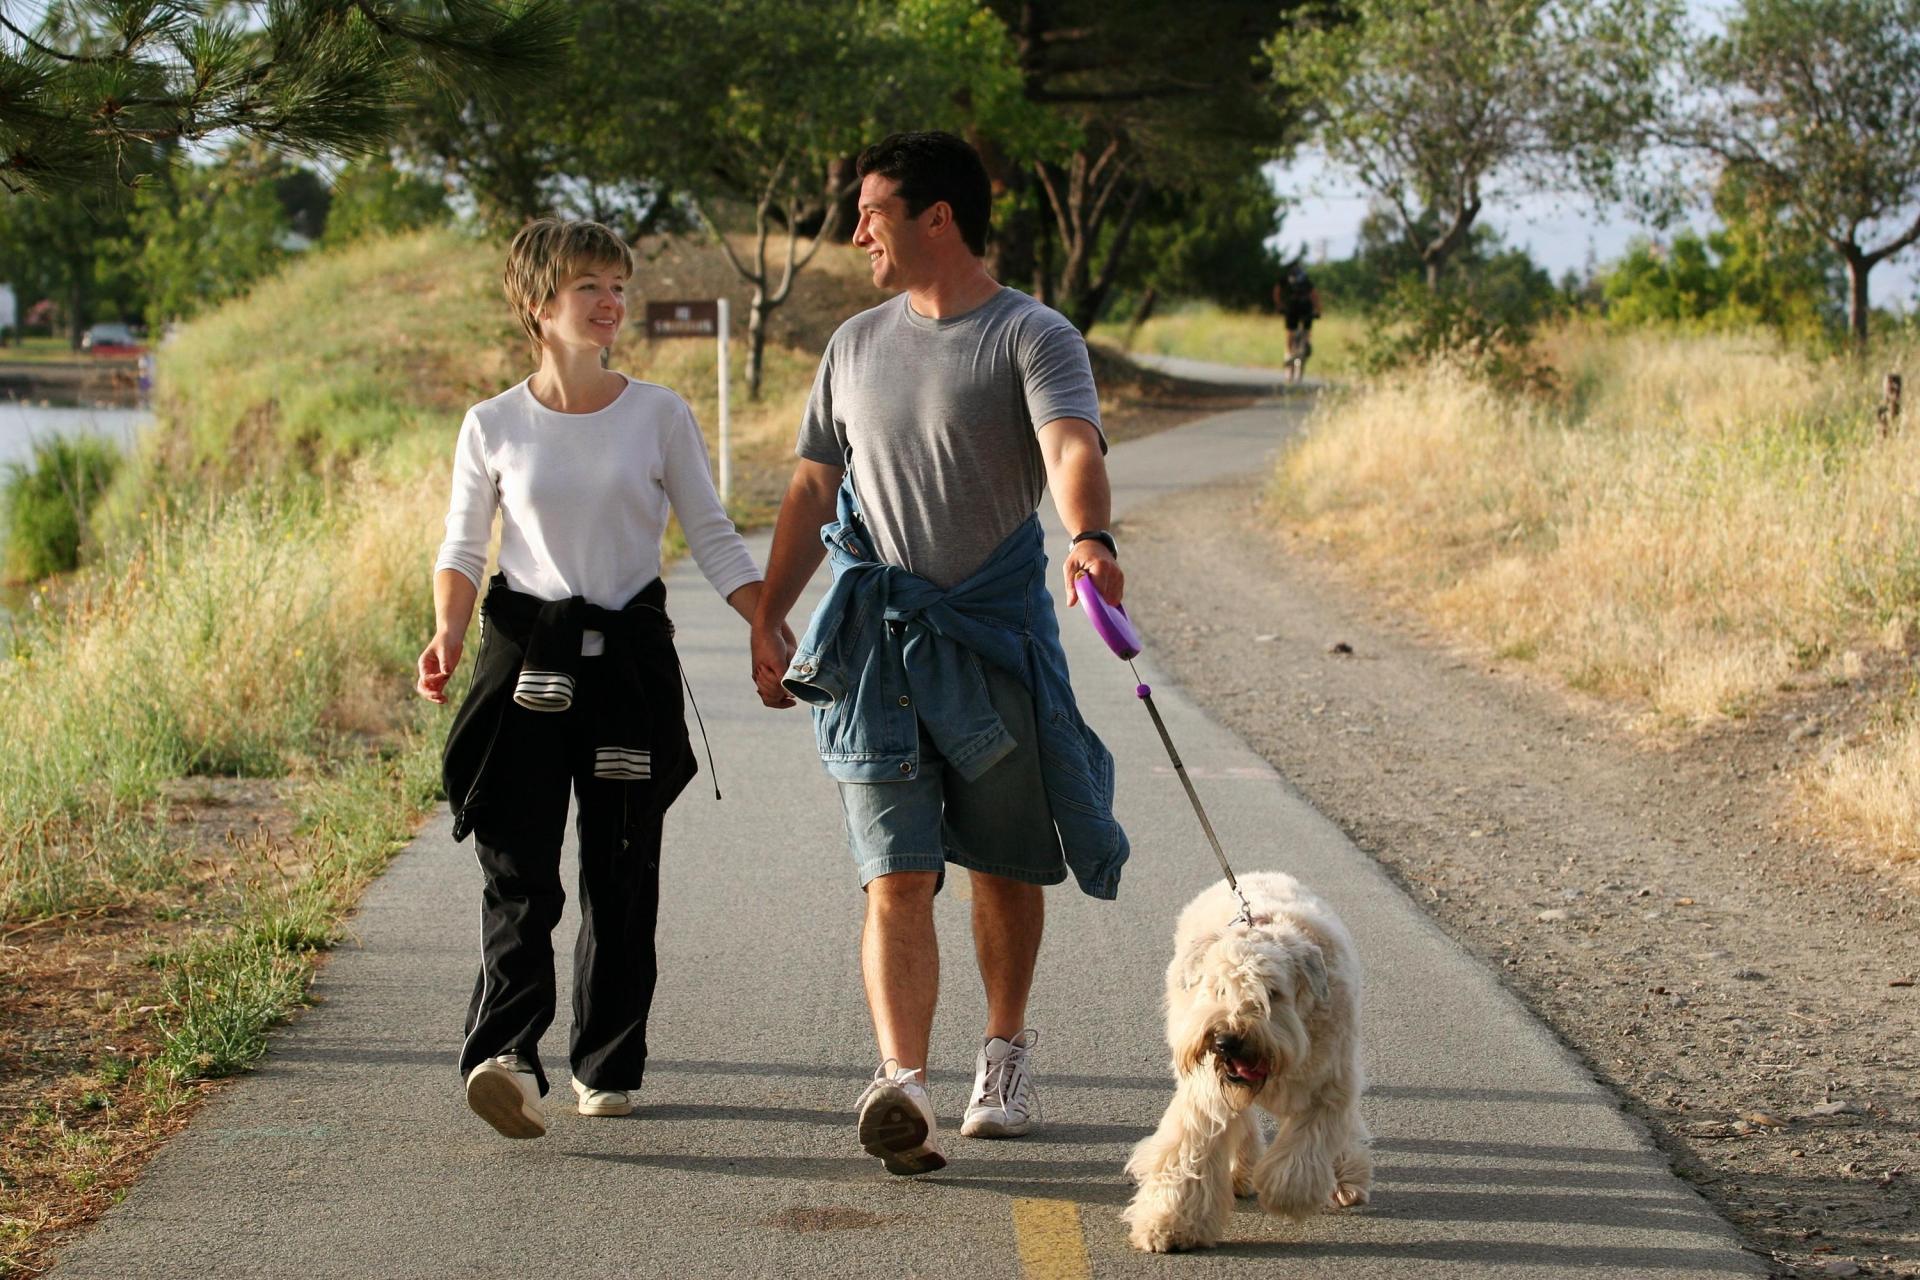 Почему студенты выбирают пешие прогулки и как это помогает здоровью 16